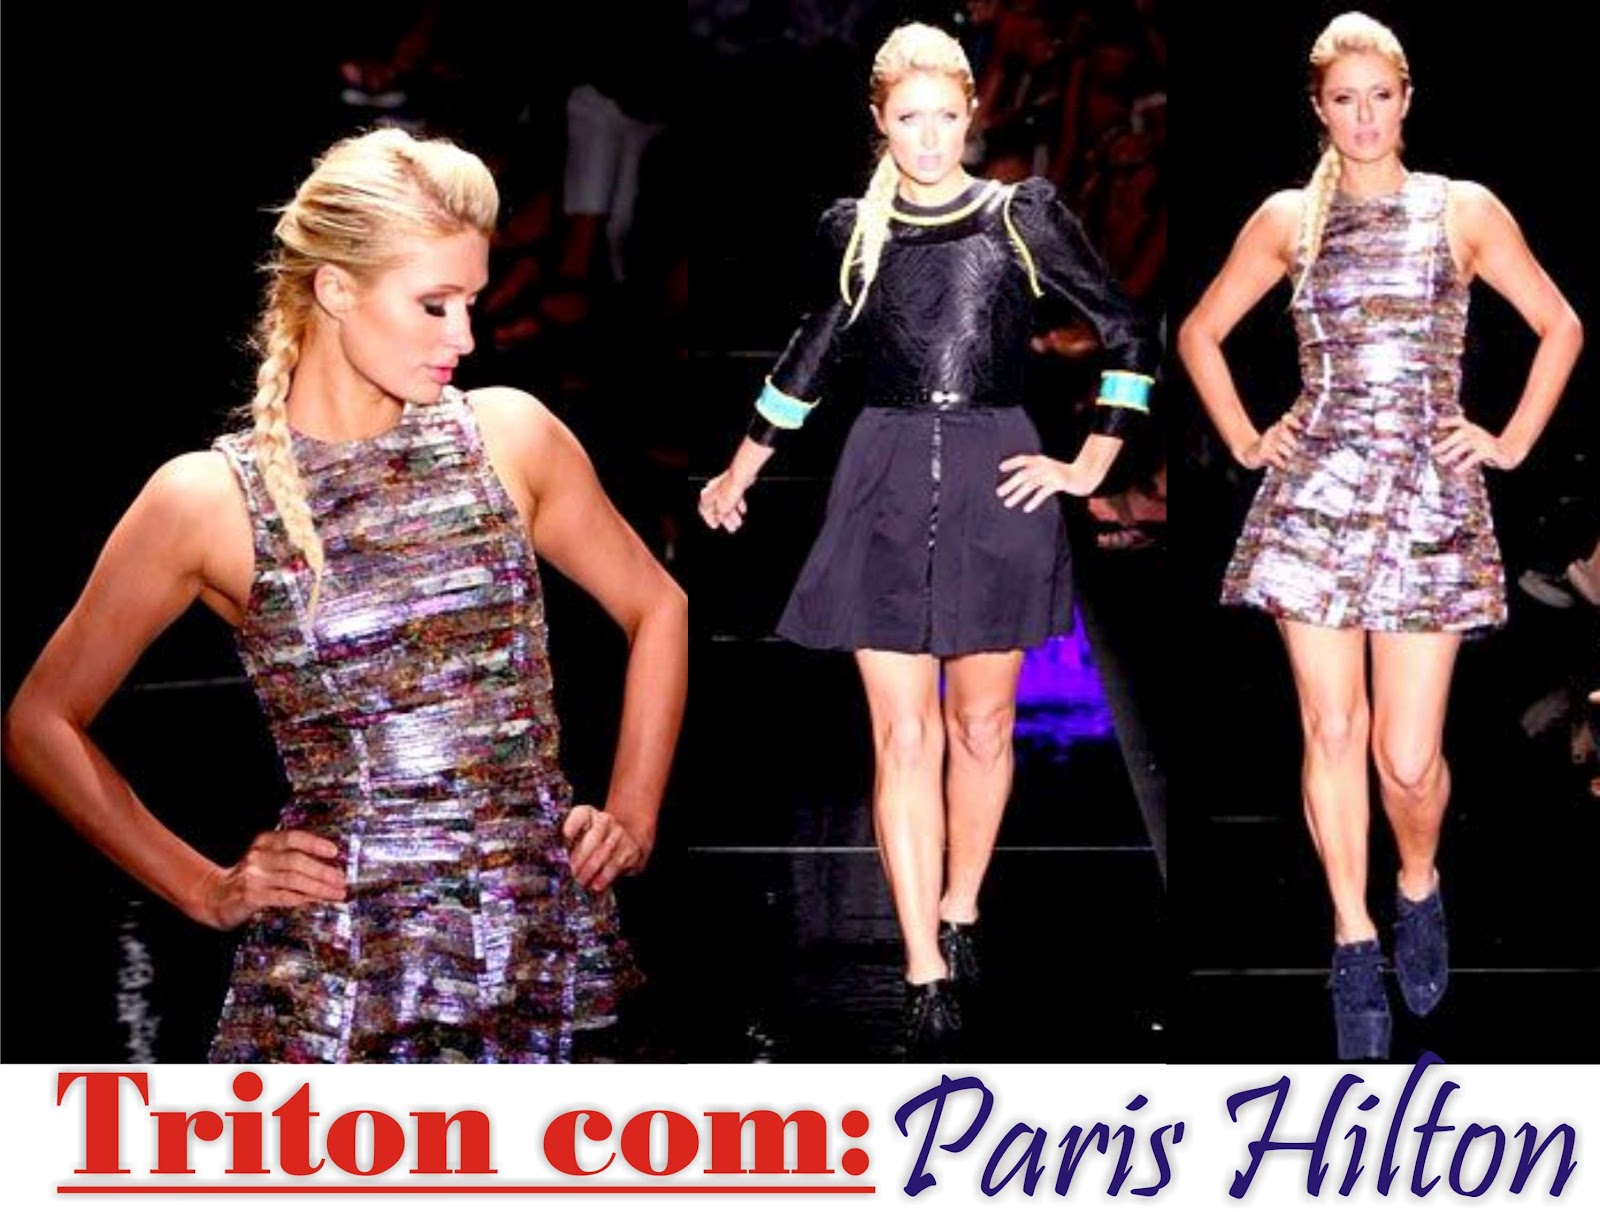 http://4.bp.blogspot.com/-N5j09svsF1w/T_9vCM-oCRI/AAAAAAAACzw/TkbfU6QrI_g/s1600/SPFW+Inverno+2011+-+Frisson+Paris+Hilton+Triton.jpg